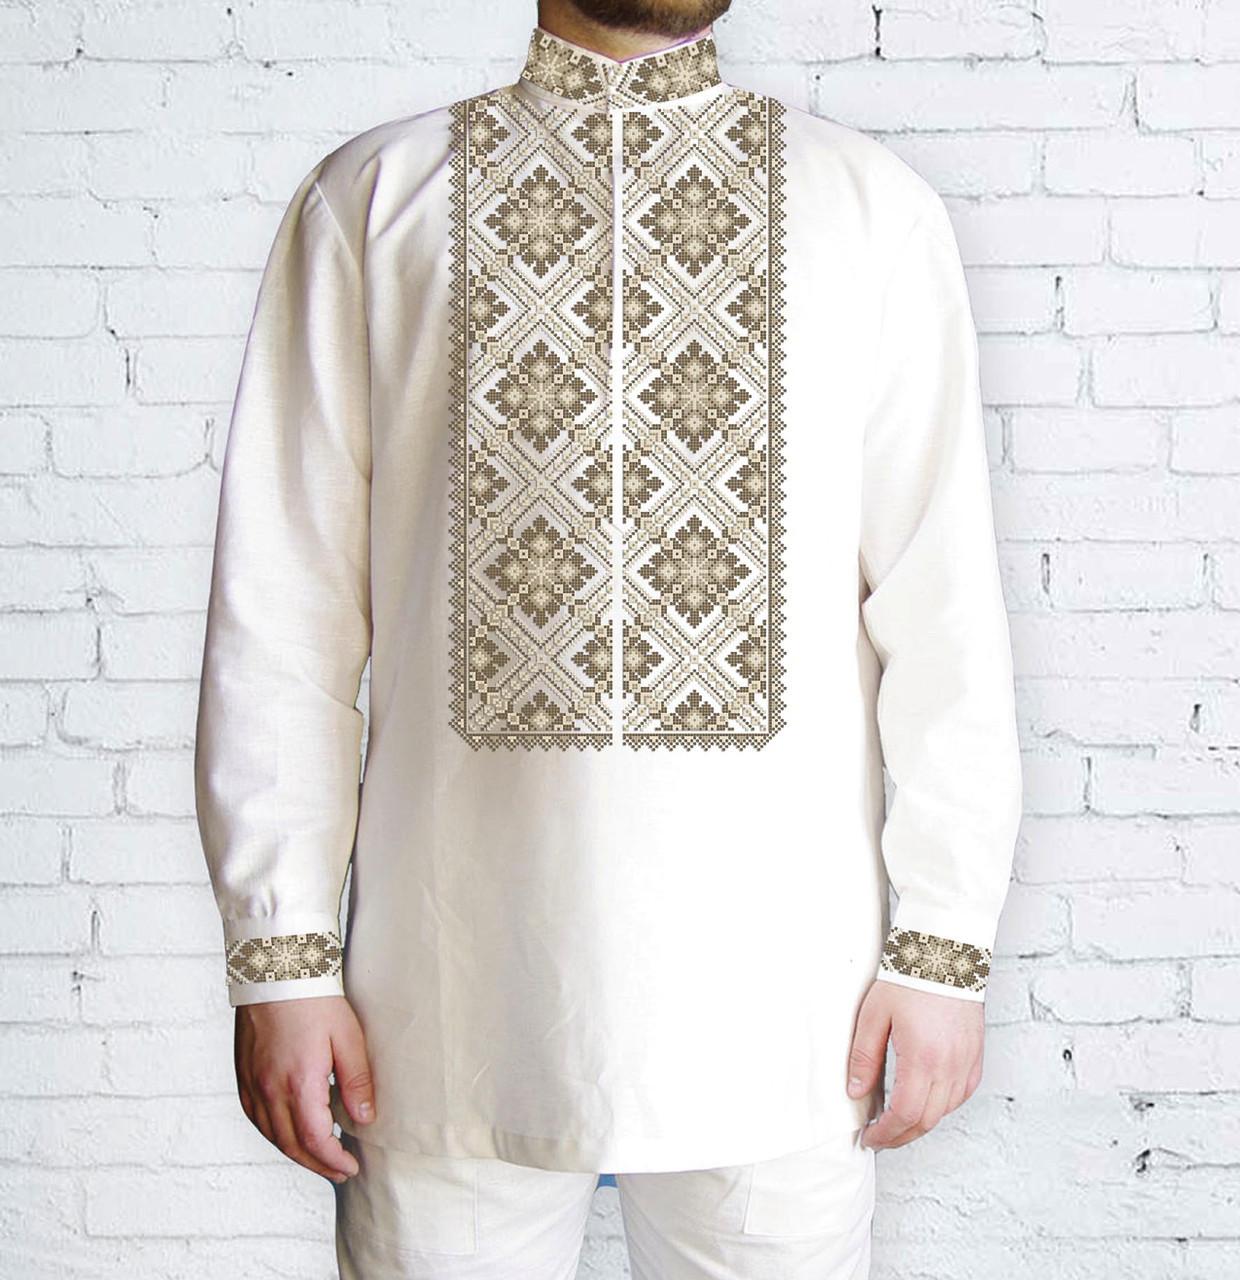 Заготовка мужской рубашки / вышиванки / сорочки для вышивки / вышивания бисером или нитками «Ромби коричневі 503 К»